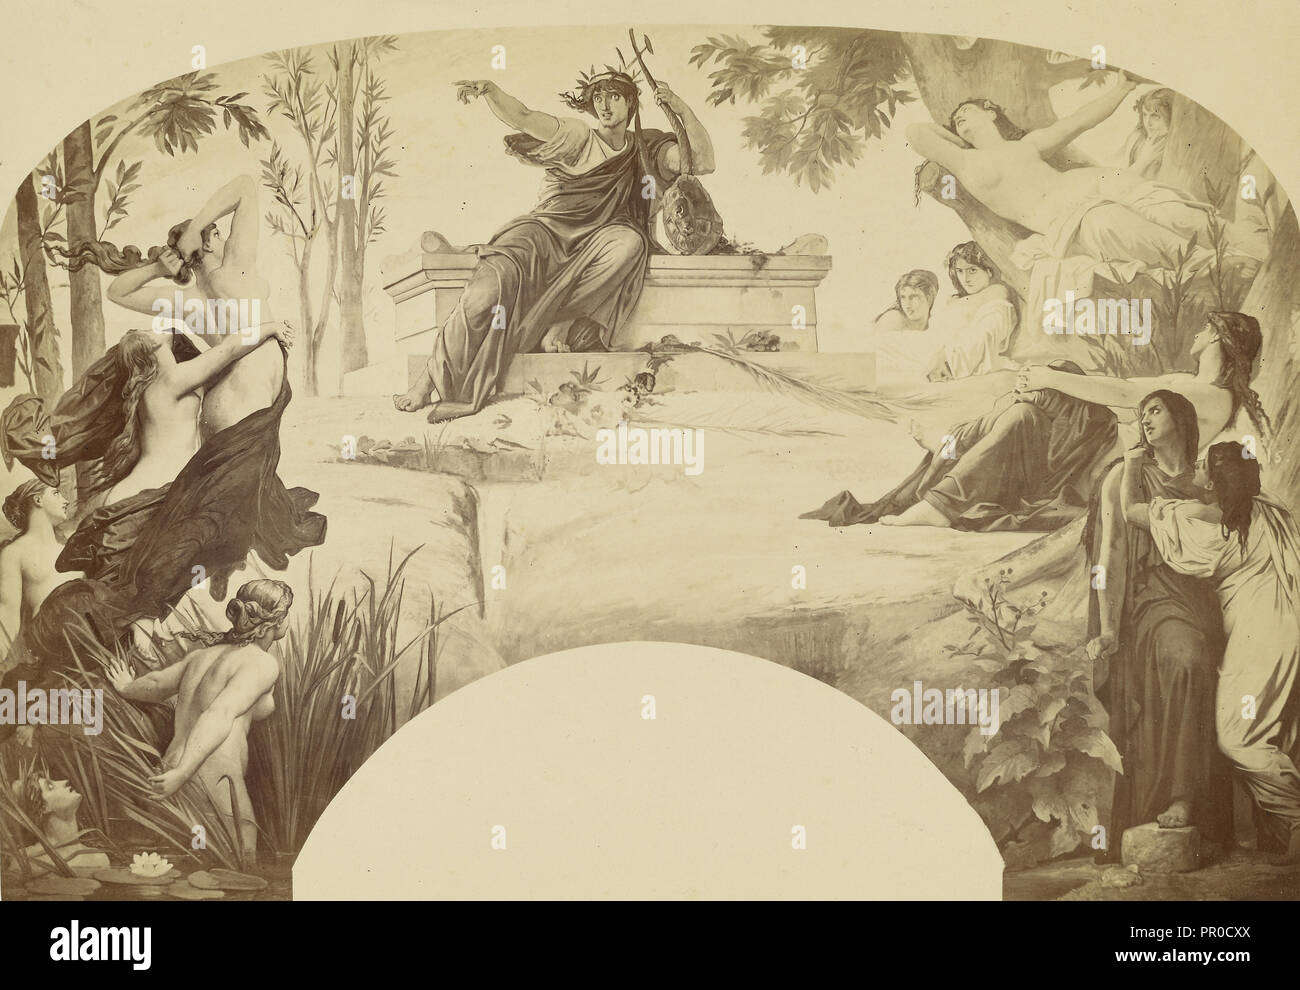 La Musique dramatique; Louis-Émile Durandelle, French, 1839 - 1917, Paris, France; about 1875; Albumen silver print - Stock Image